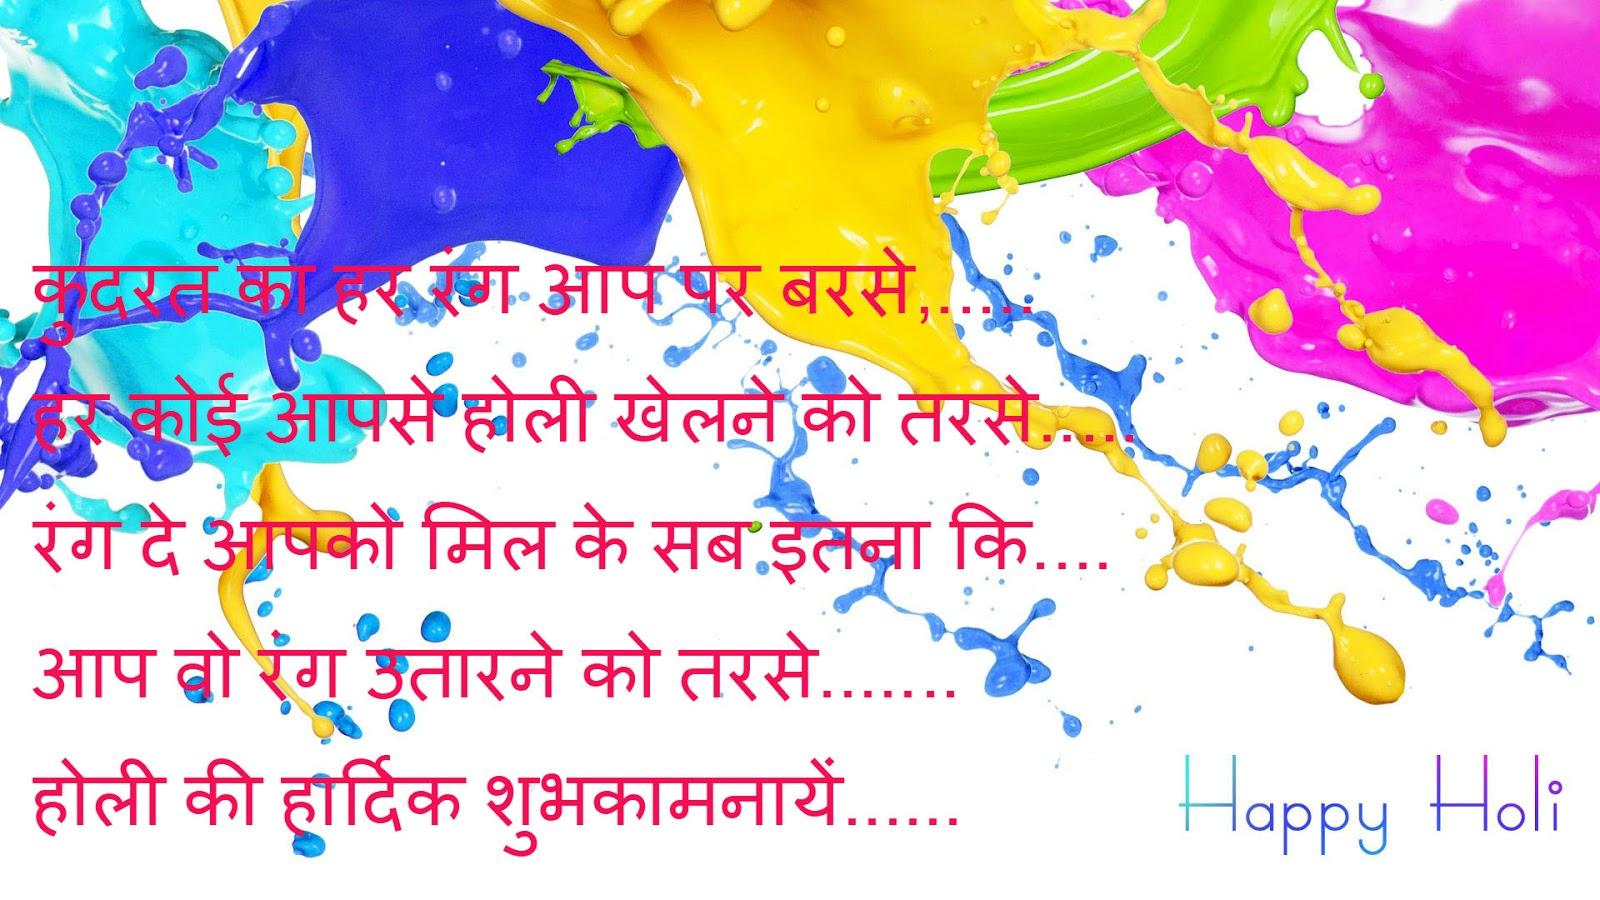 holi holi img2016%2B%25282%2529 - Best Shayari images of holi 50+